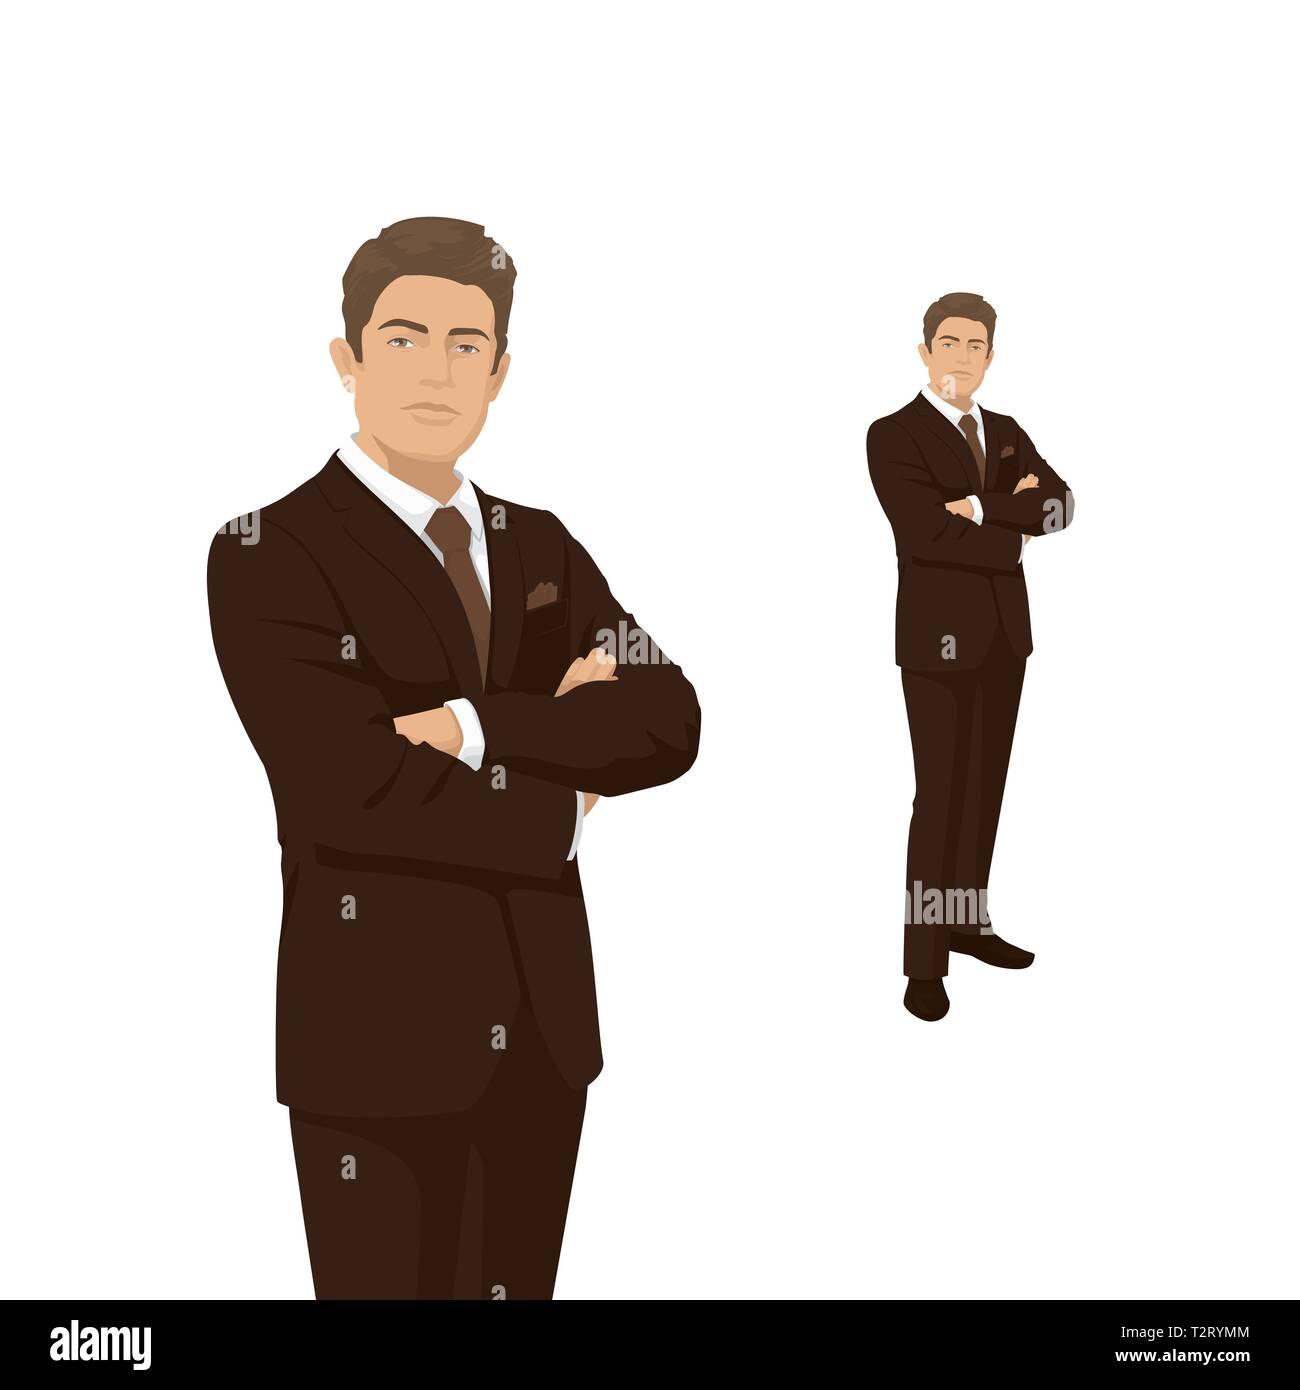 25b41275edde Imprenditore elegante in costume marrone. Il Boss, manager, imprenditore.  Persone di carattere. Ritratto di lunghezza completa. Vista frontale l'uomo.